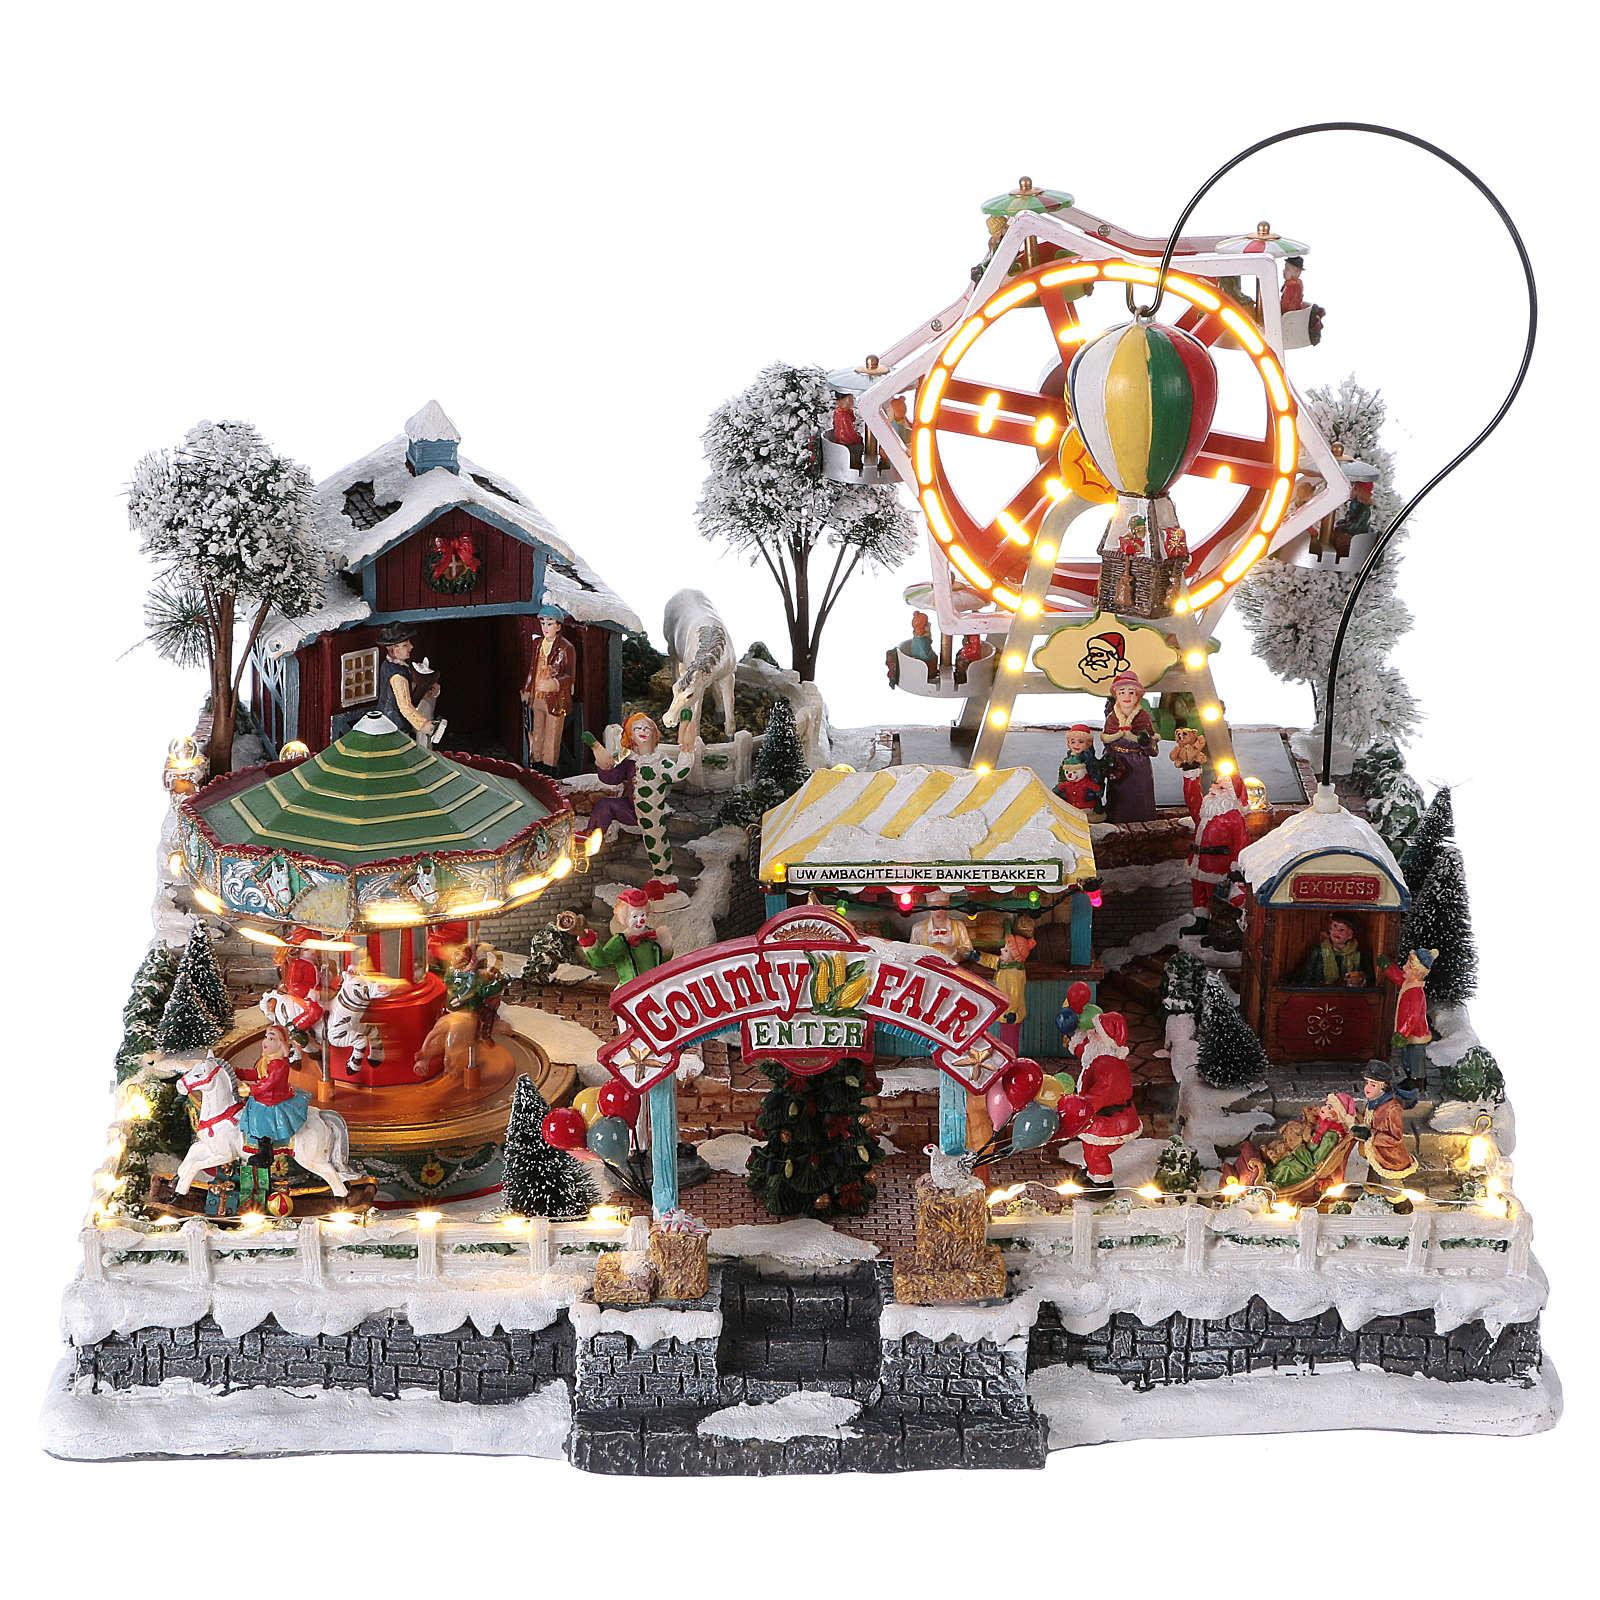 Villaggio di Natale 30x45x35 cm con luna park luci movimento musica corrente 3